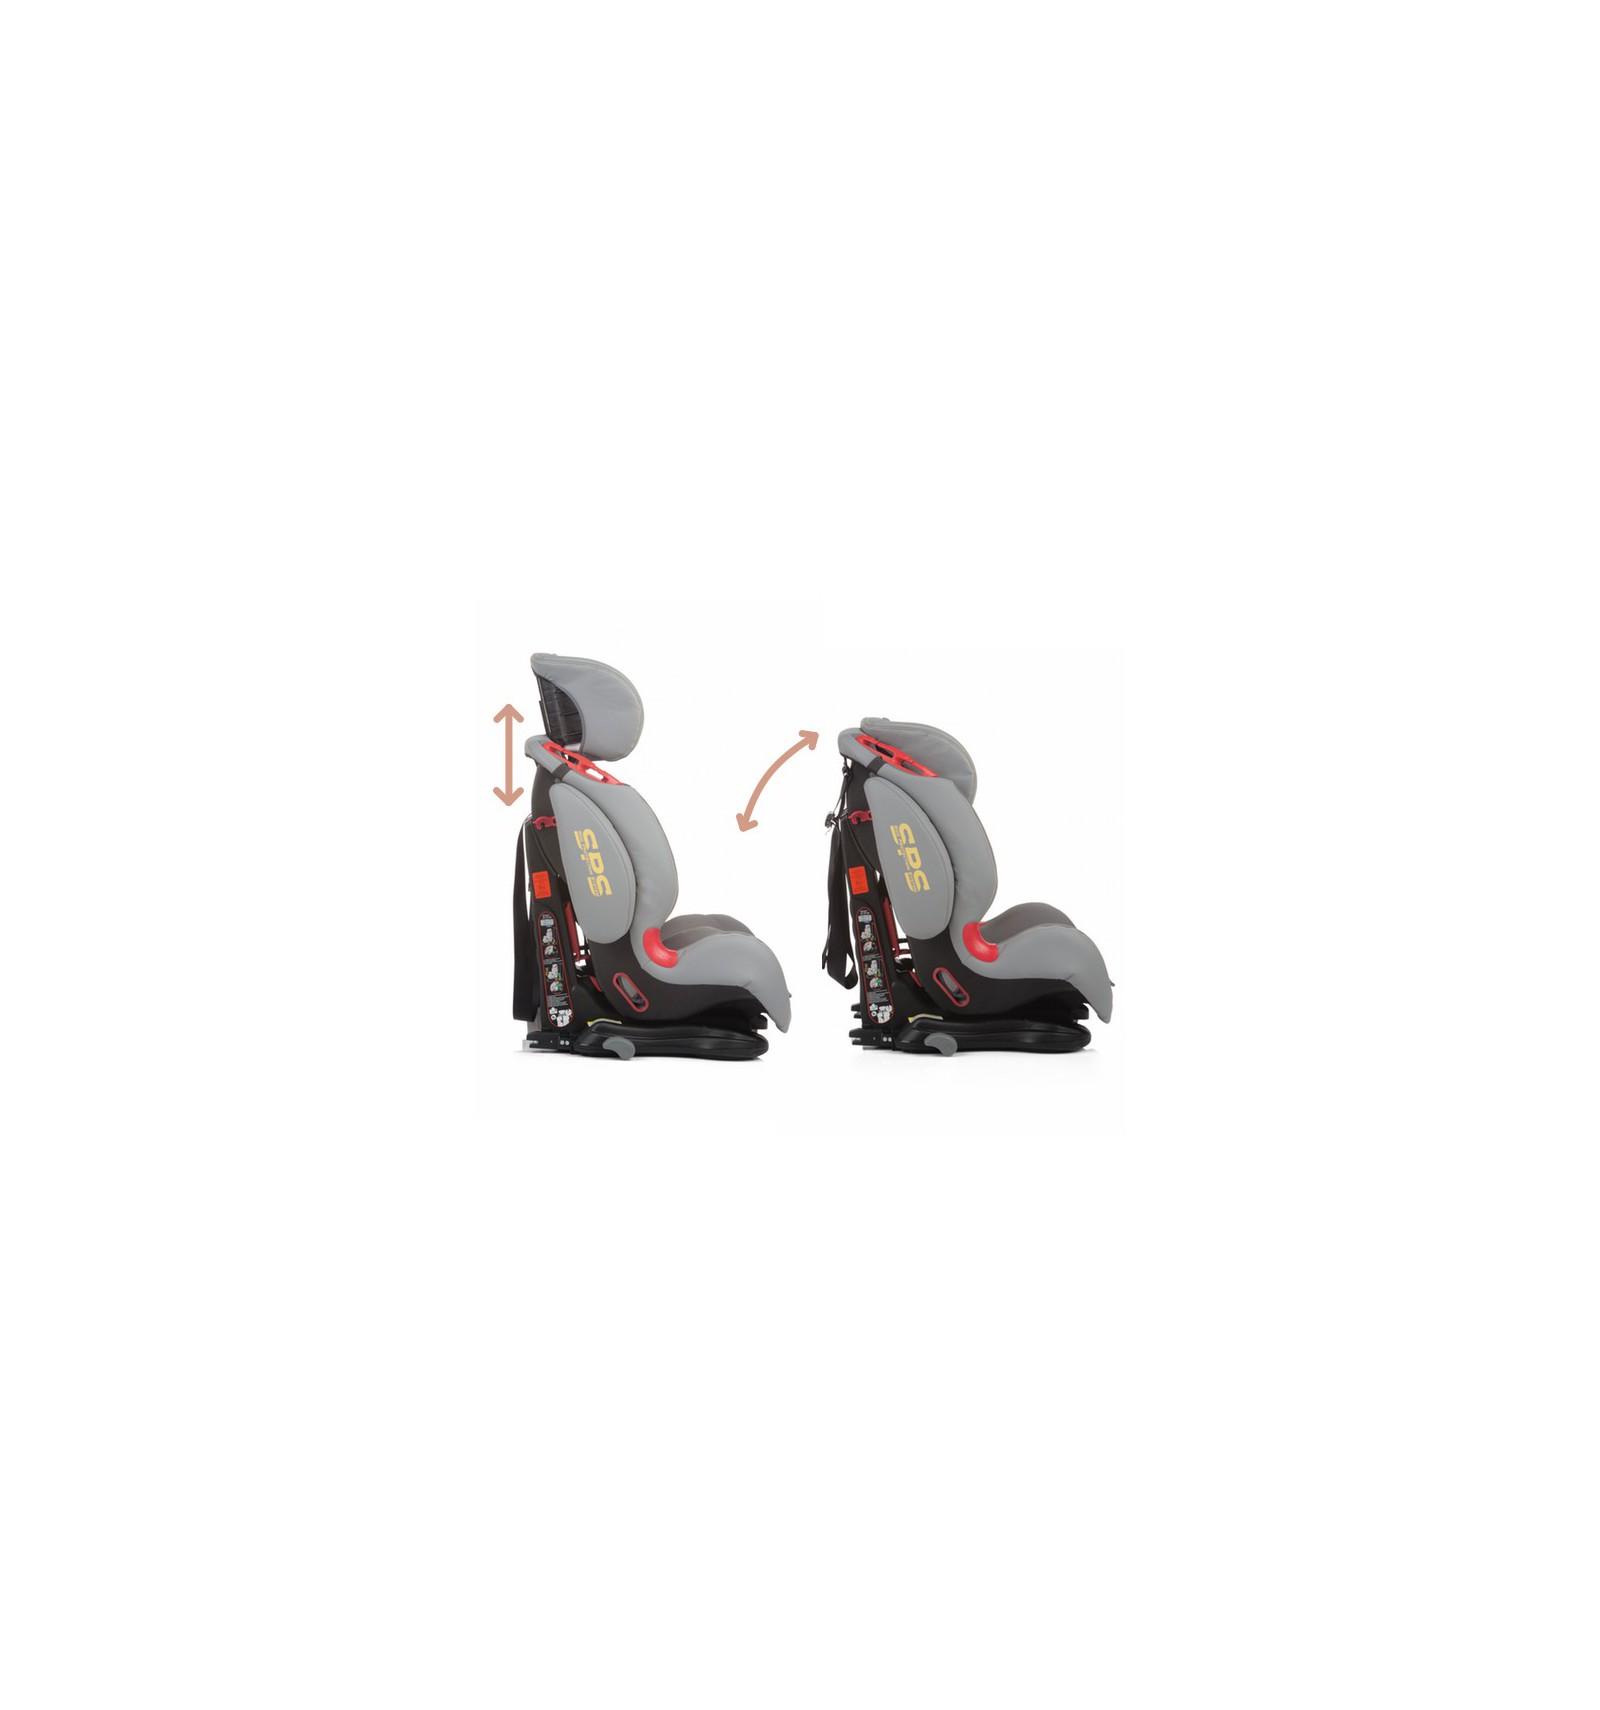 Silla de coche g 1 2 3 thunder isofix negra 2017 for Sillas de coche 0 1 2 3